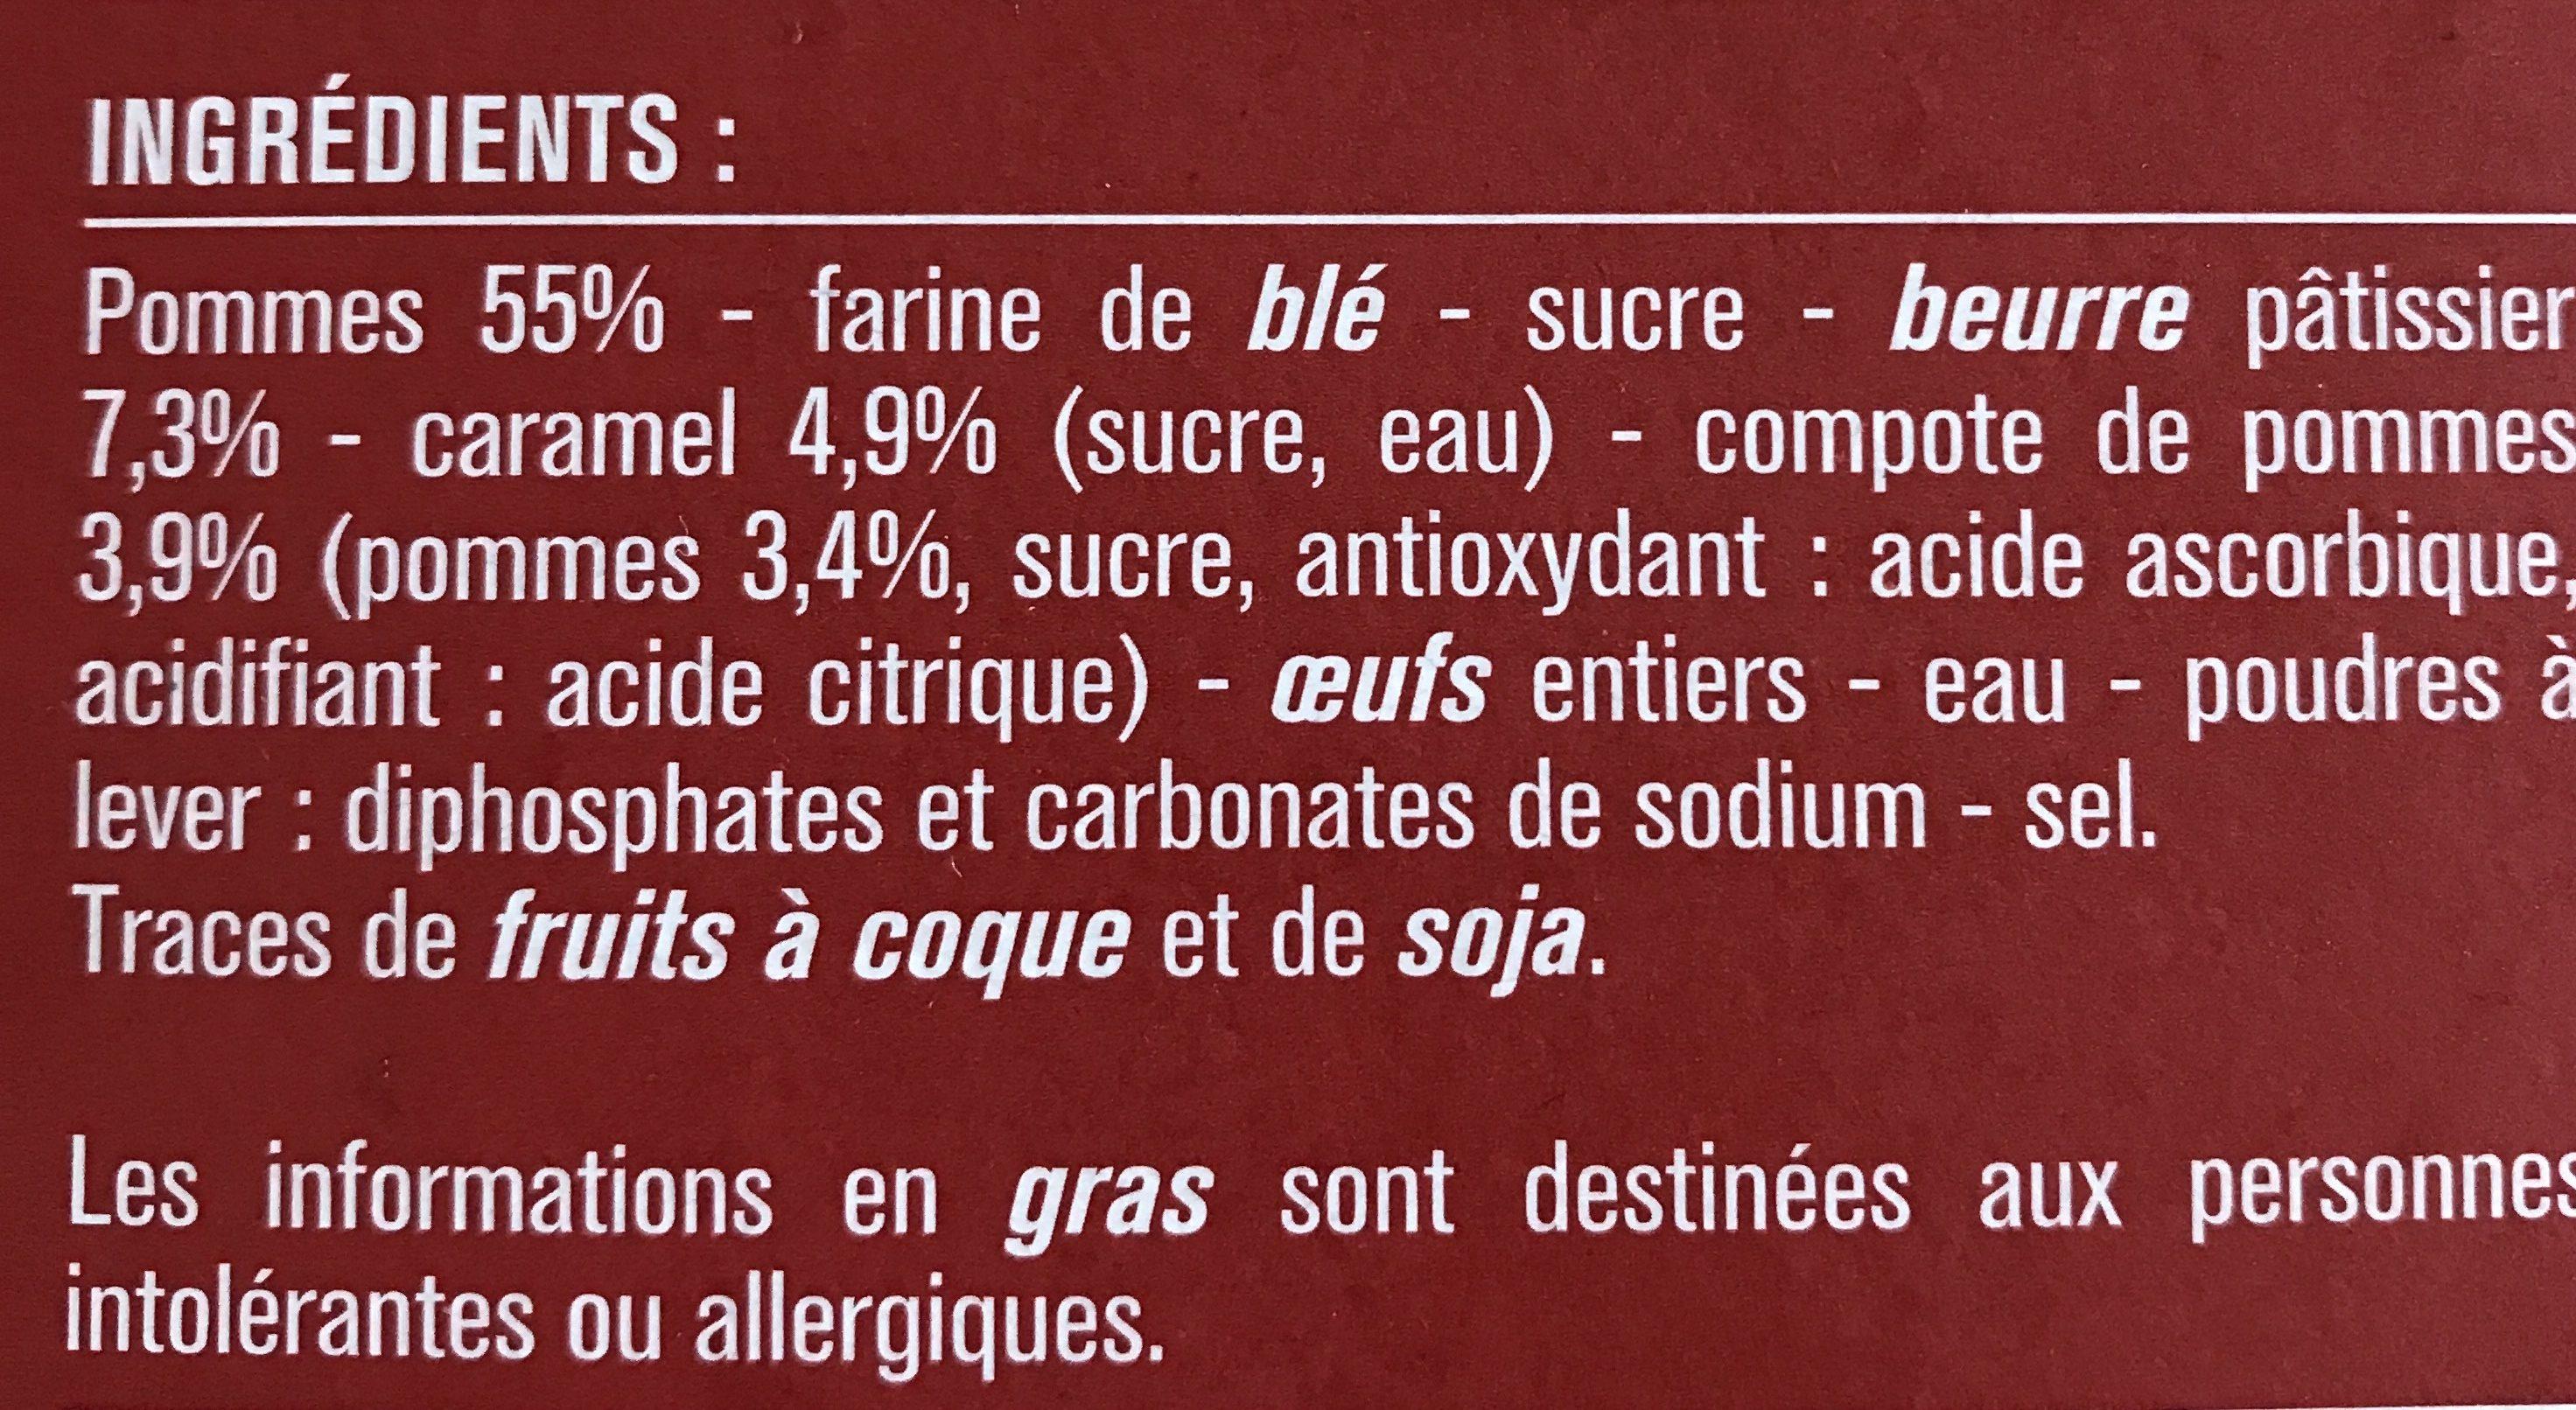 Tarte Tatin, déjà cuite - Ingrédients - fr